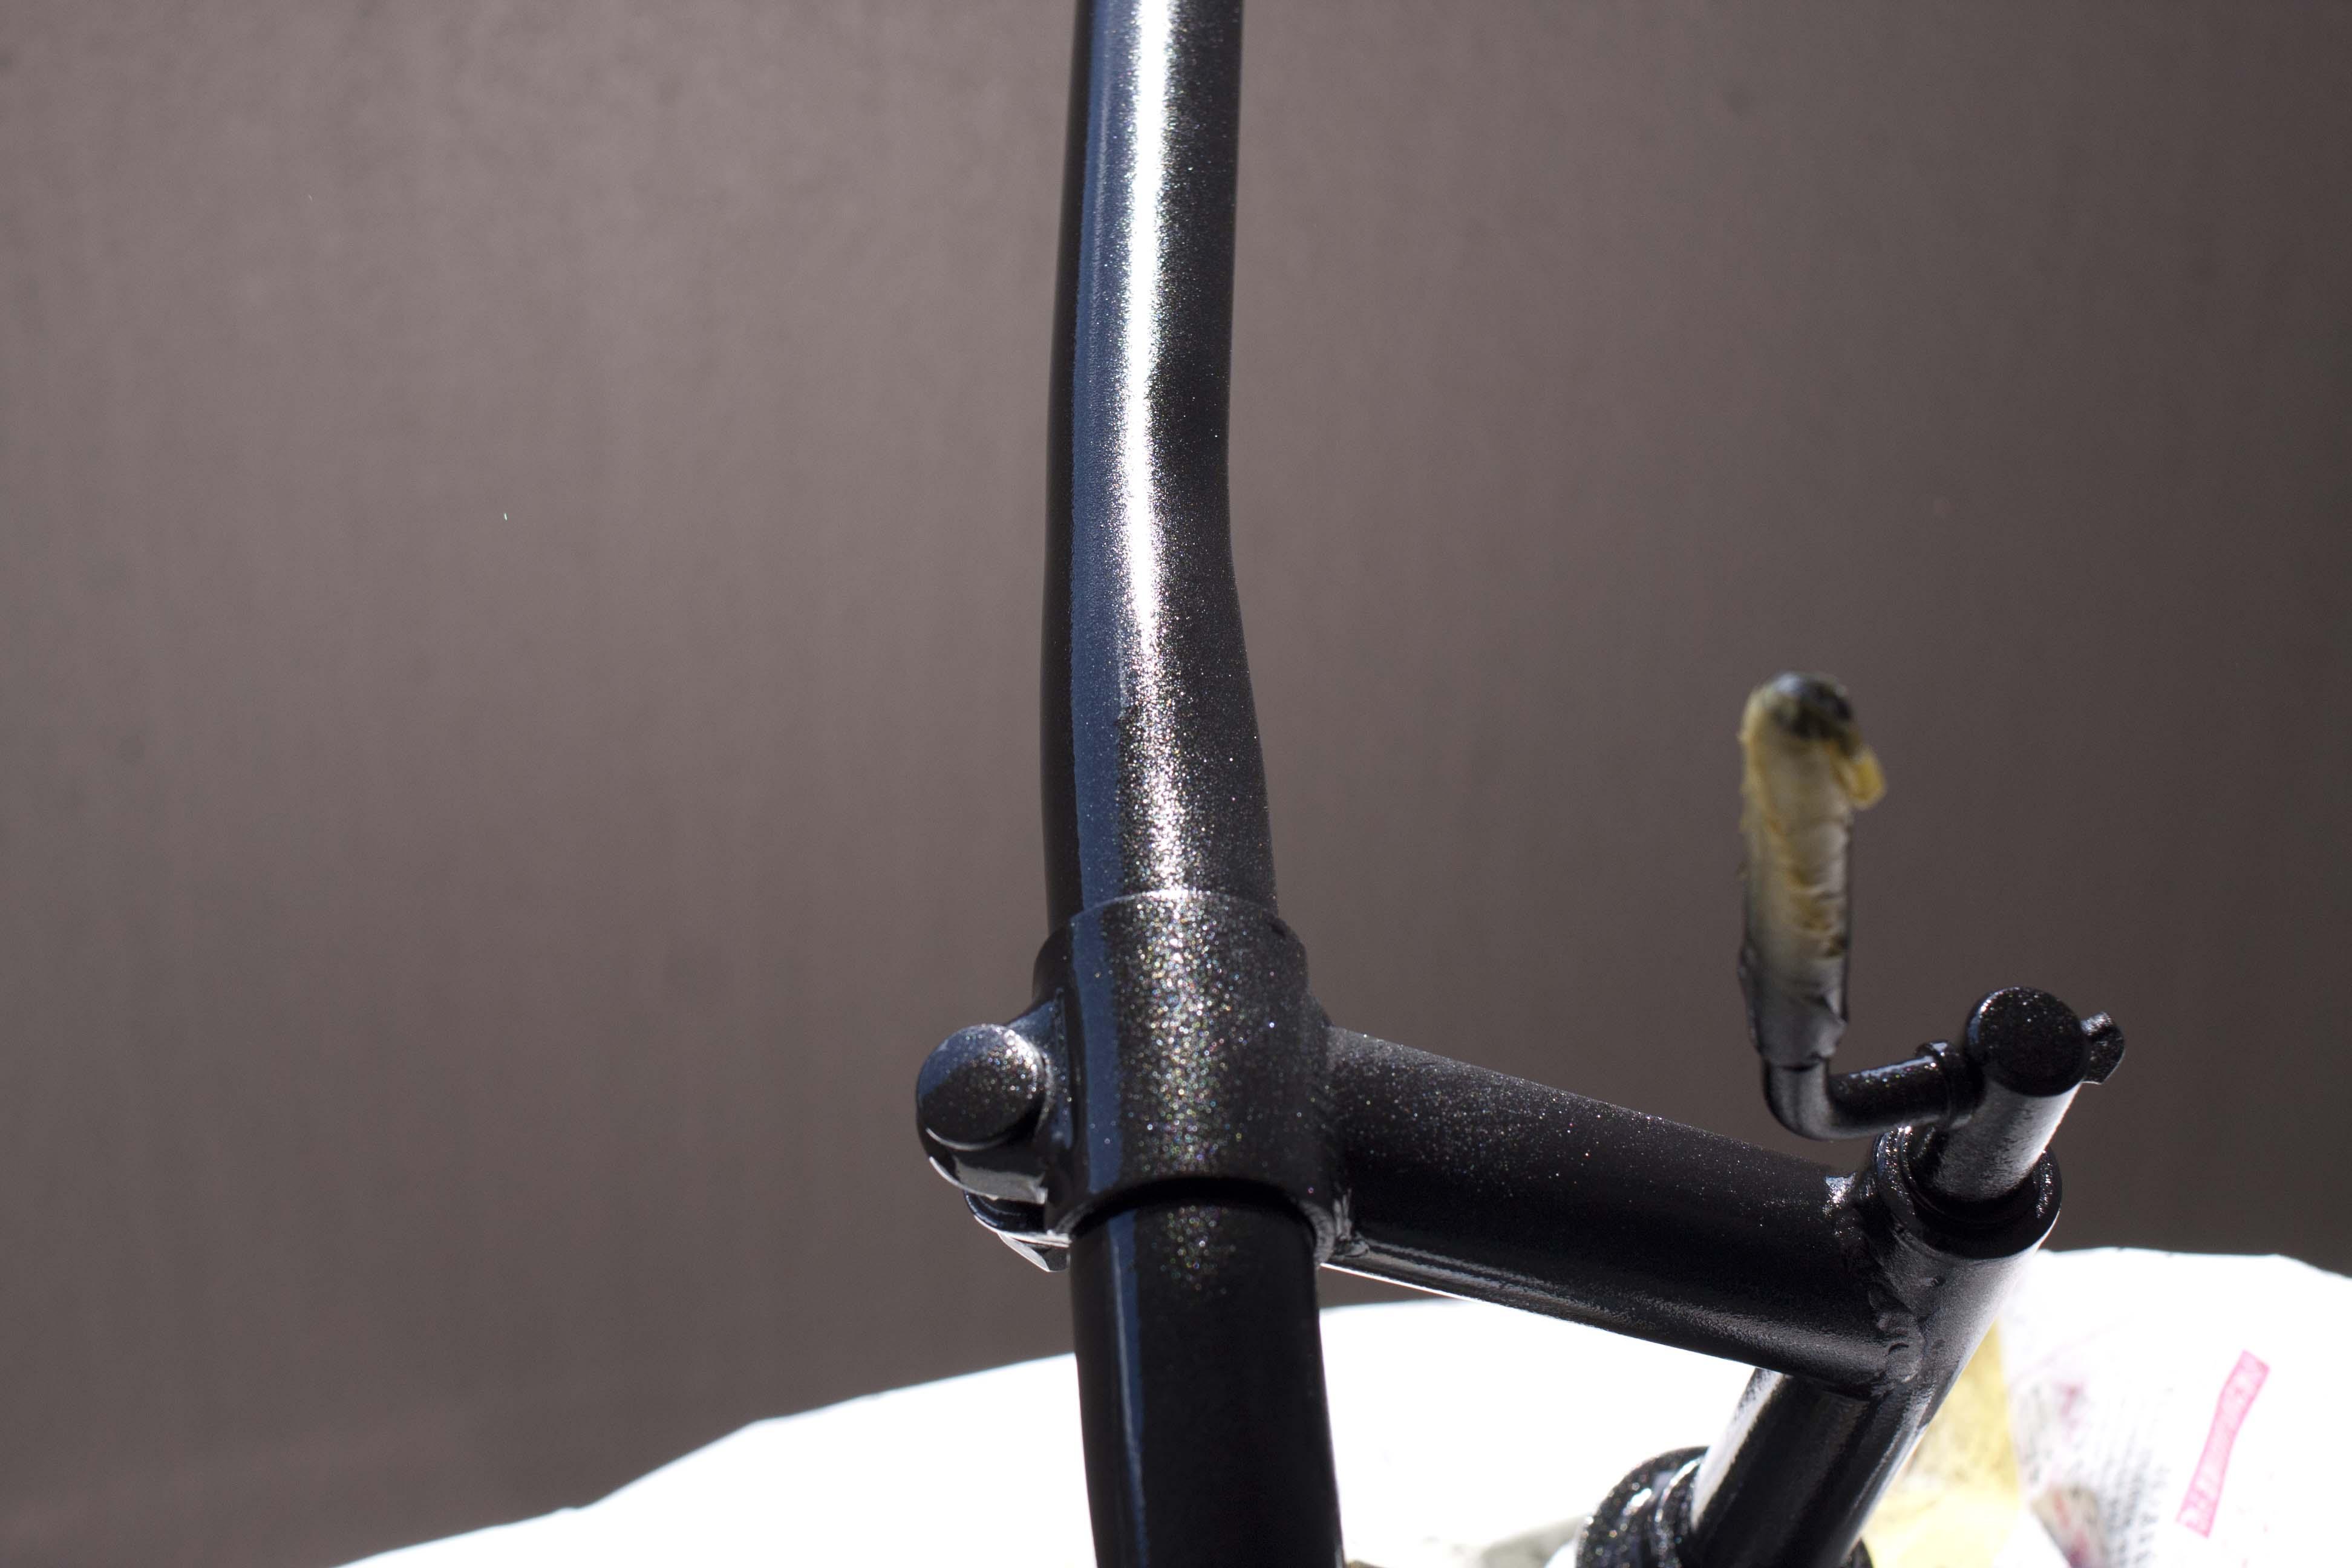 自転車の 自転車 塗装 : ... background 自転車 ハンドル塗装